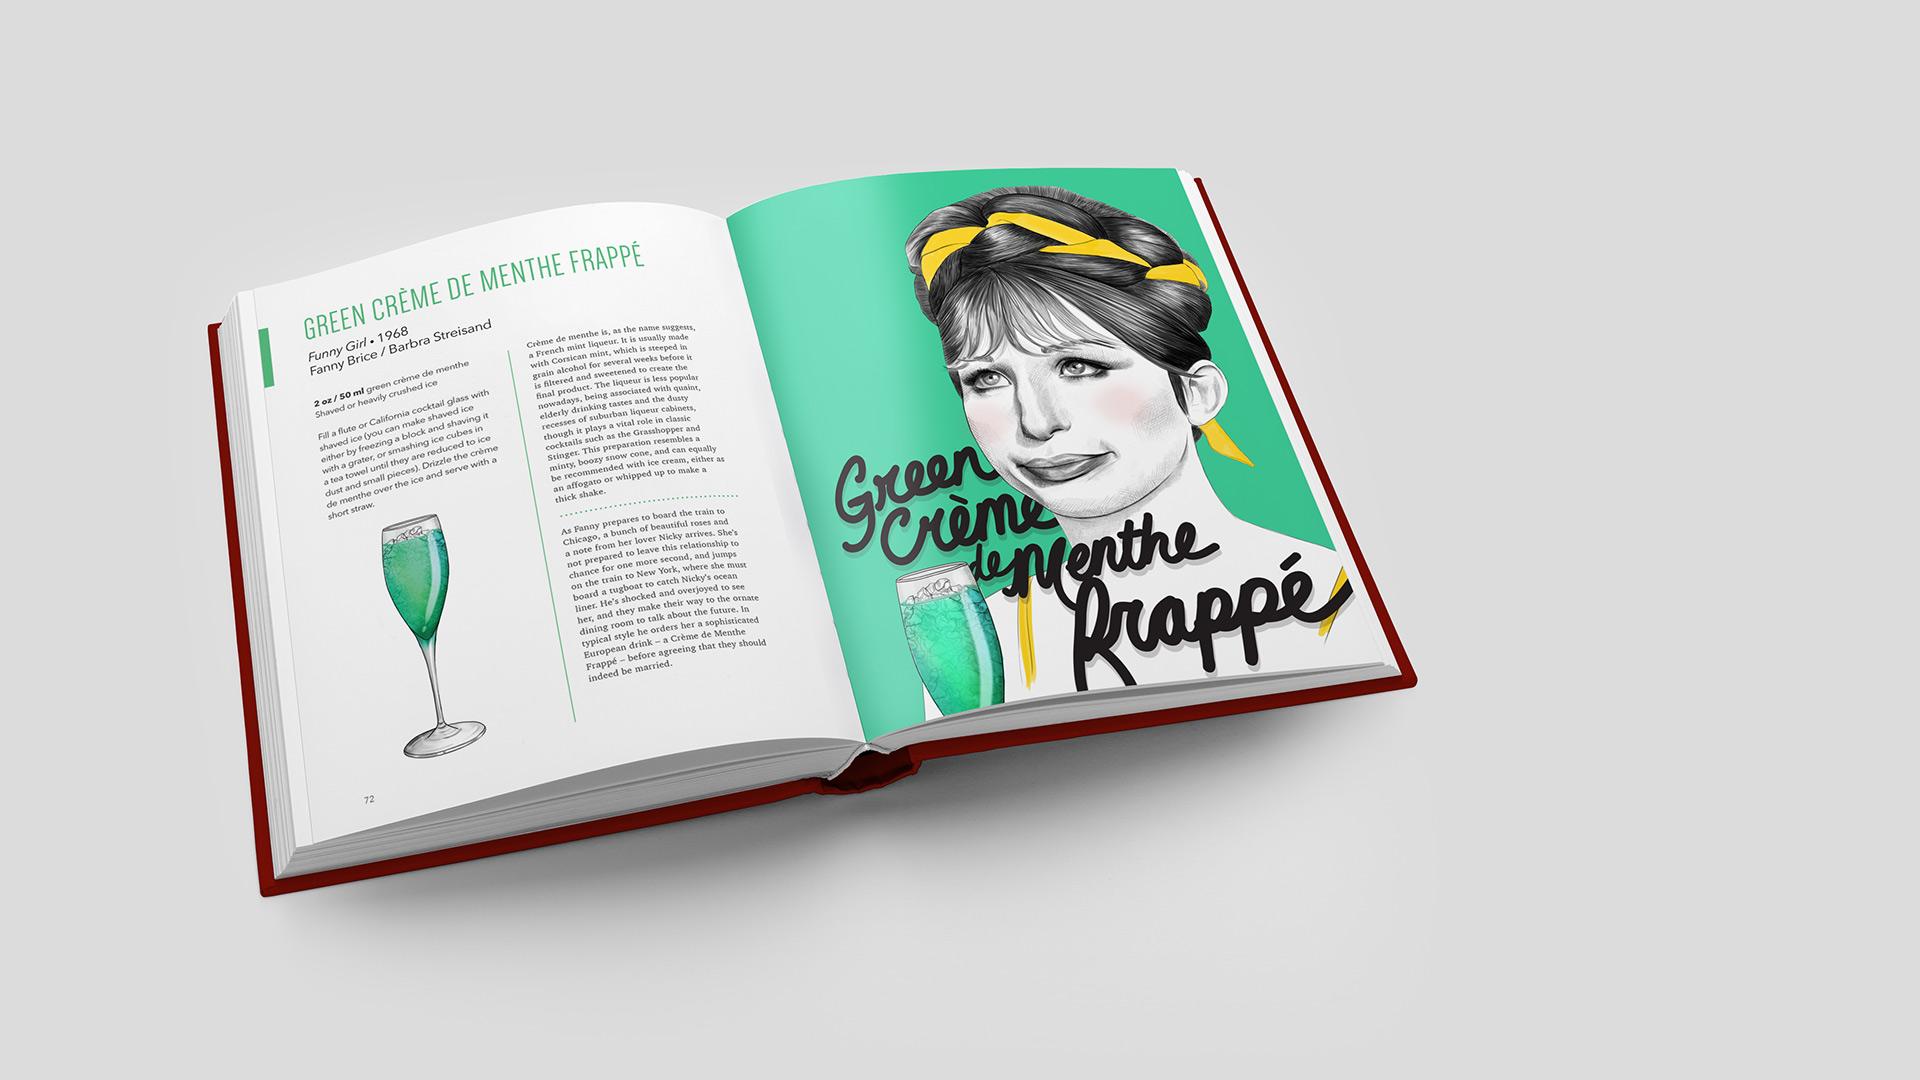 Green Creme de Menthe Frappe